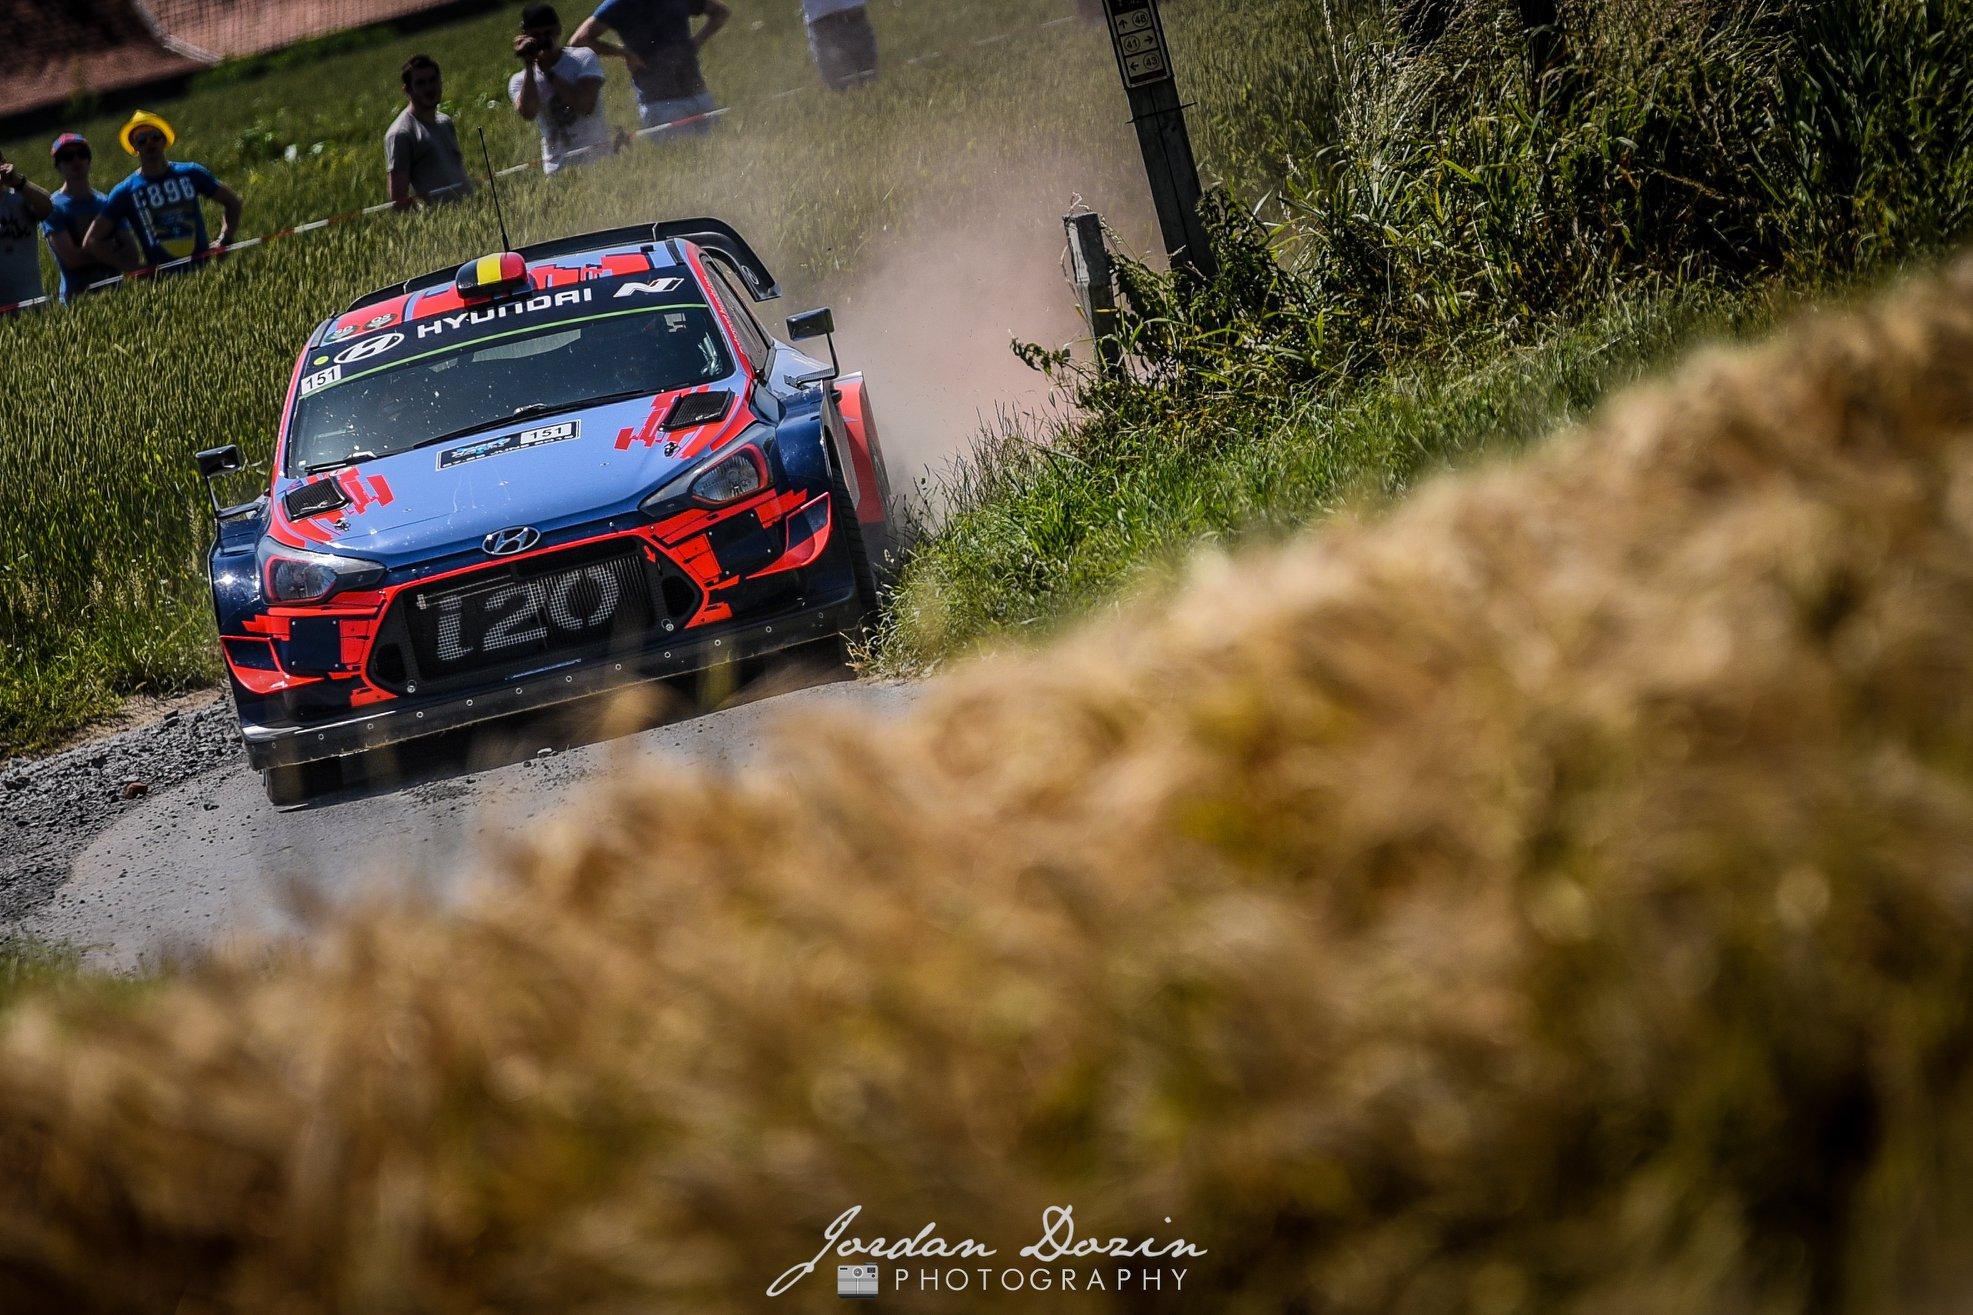 WRC fera escale en Belgique